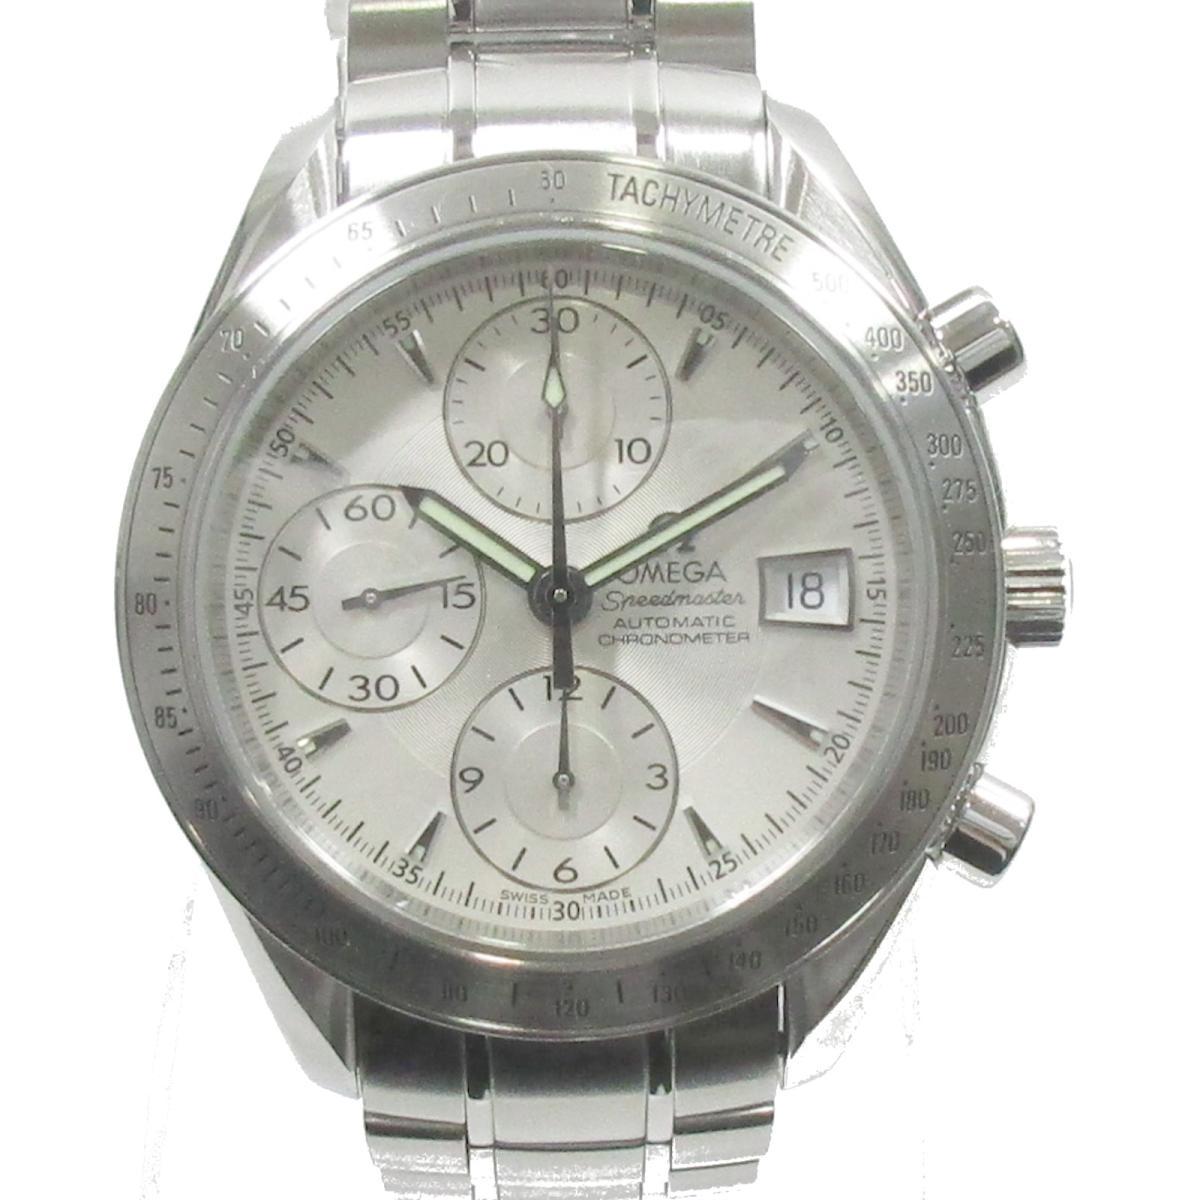 【中古】 オメガ スピードマスター デイト クロノメータ 腕時計 ウォッチ メンズ ステンレススチール (SS) シルバー (3210.30) | OMEGA BRANDOFF ブランドオフ ブランド ブランド時計 ブランド腕時計 時計